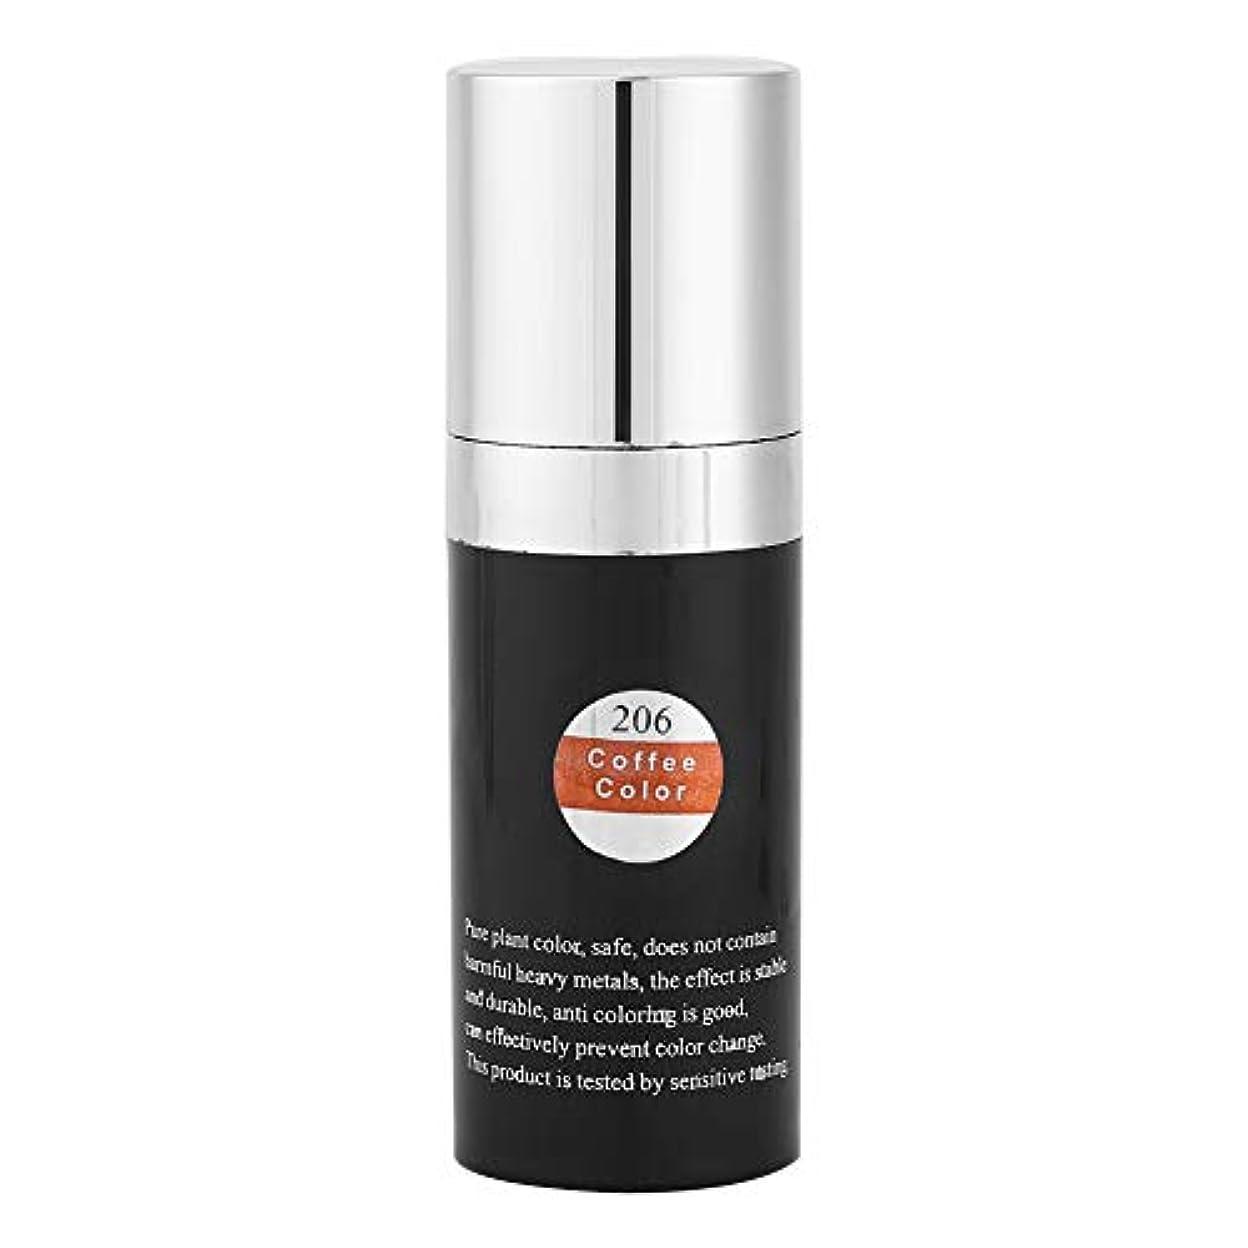 アジア人頼むプラスチック6色顔料の入れ墨、有機性植物の顔料インク眉毛の唇の目ライン永久的な色の構造の入れ墨の化粧品インク(コーヒー)